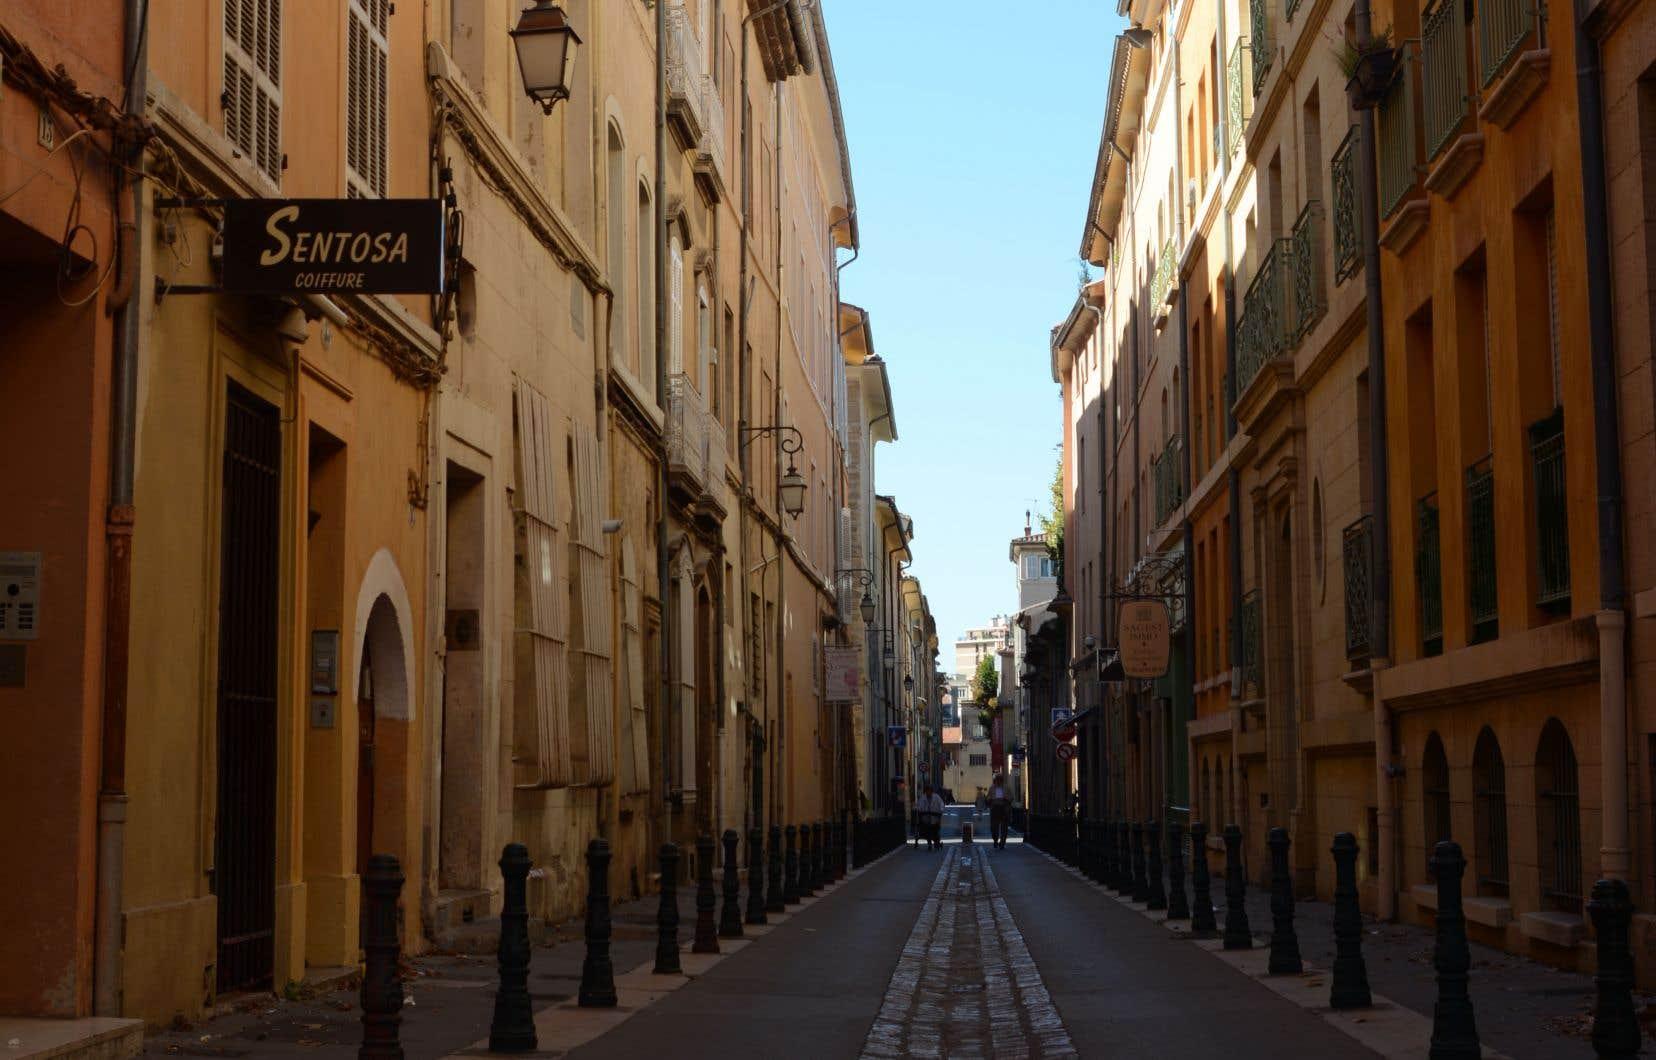 Aix-en-Provence est raffinée et colorée. Sa vieille ville est parsemée de fontaines, d'hôtels particuliers (près de 200) et de bâtiments aux devantures roses, jaunes et terreuses, qui s'accordent à merveille avec les couleurs de la garrigue environnante.